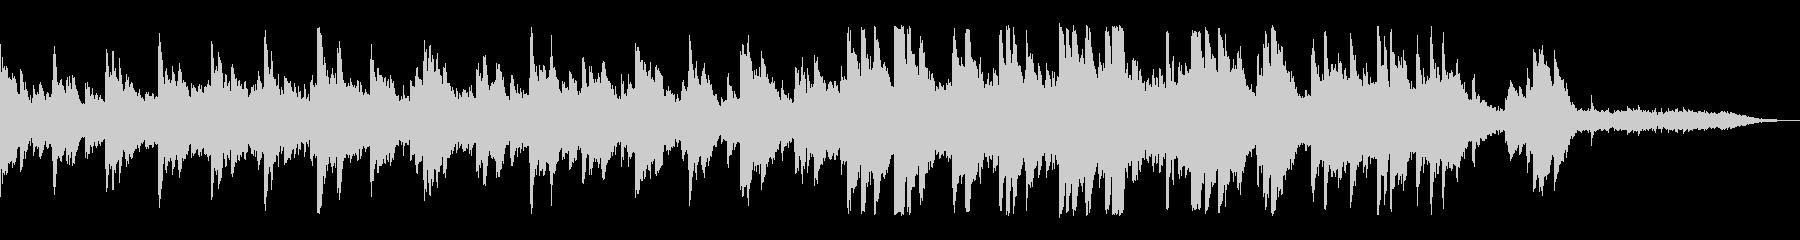 マリンバ&ソフトピアノ優しいコーポレートの未再生の波形